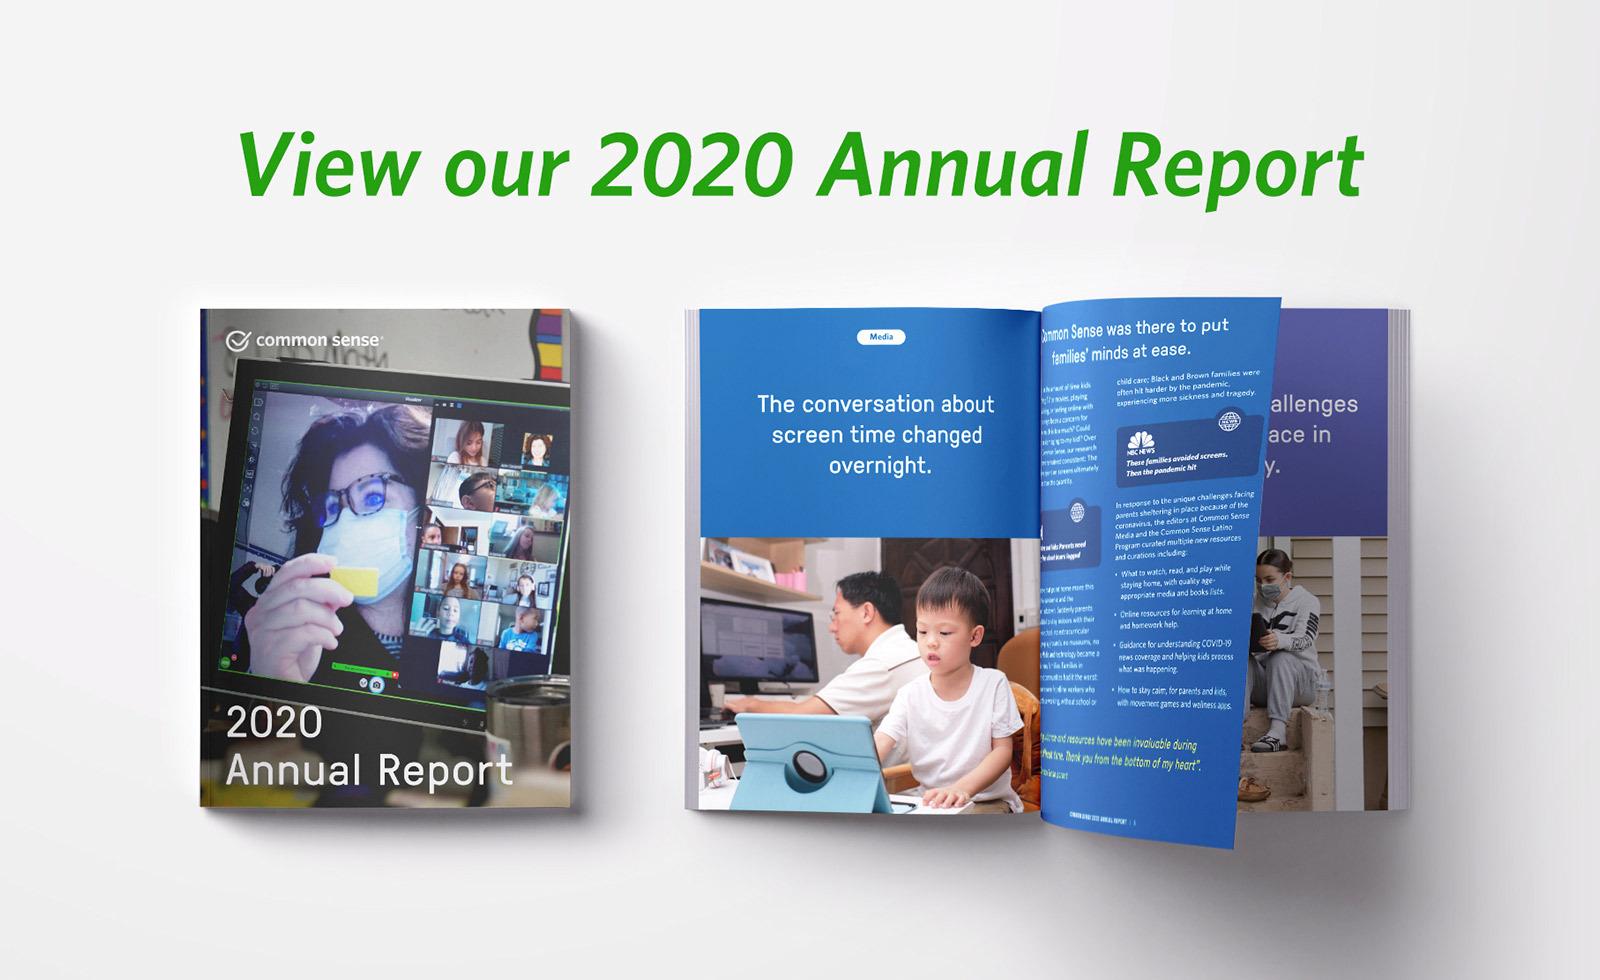 点击查看2019-2020年度报告